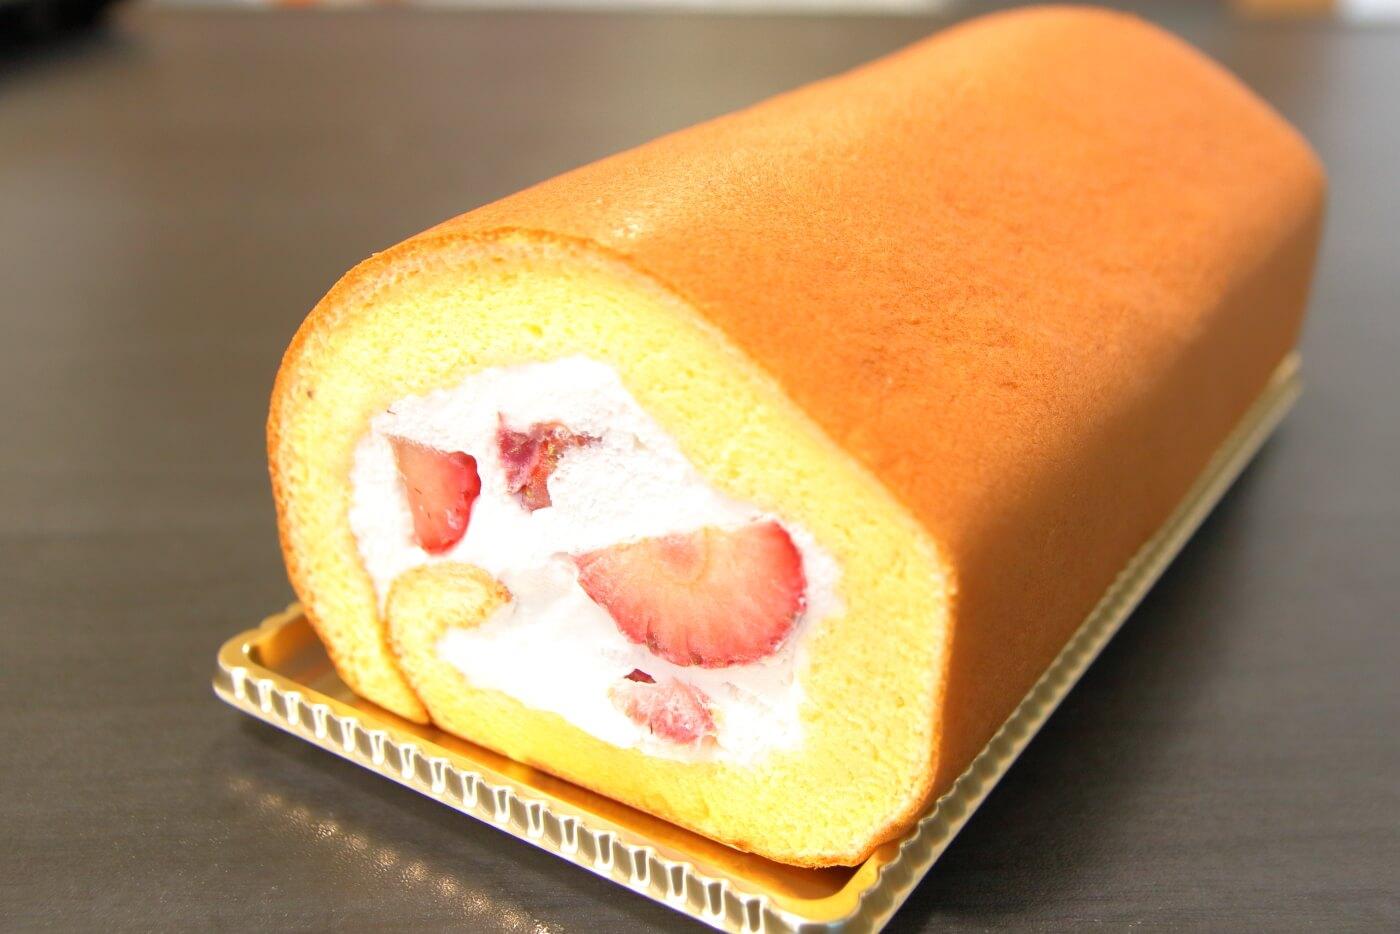 シャトレーゼ 旬ロール 夏苺 いちごのロールケーキ